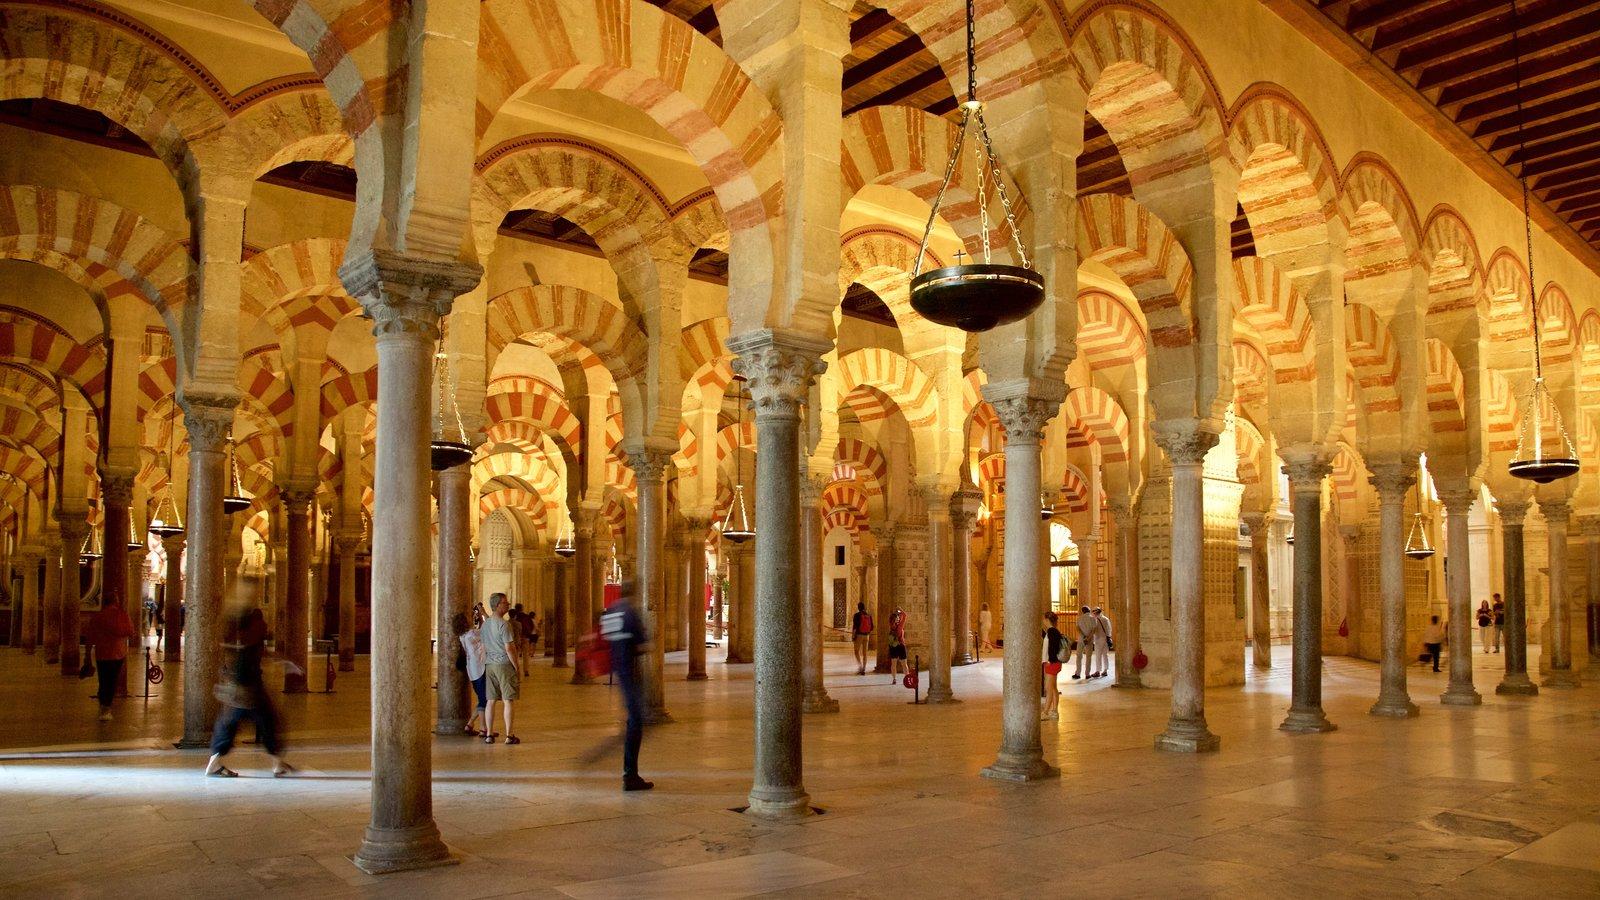 Mezquita de Córdoba que incluye elementos del patrimonio y vistas interiores